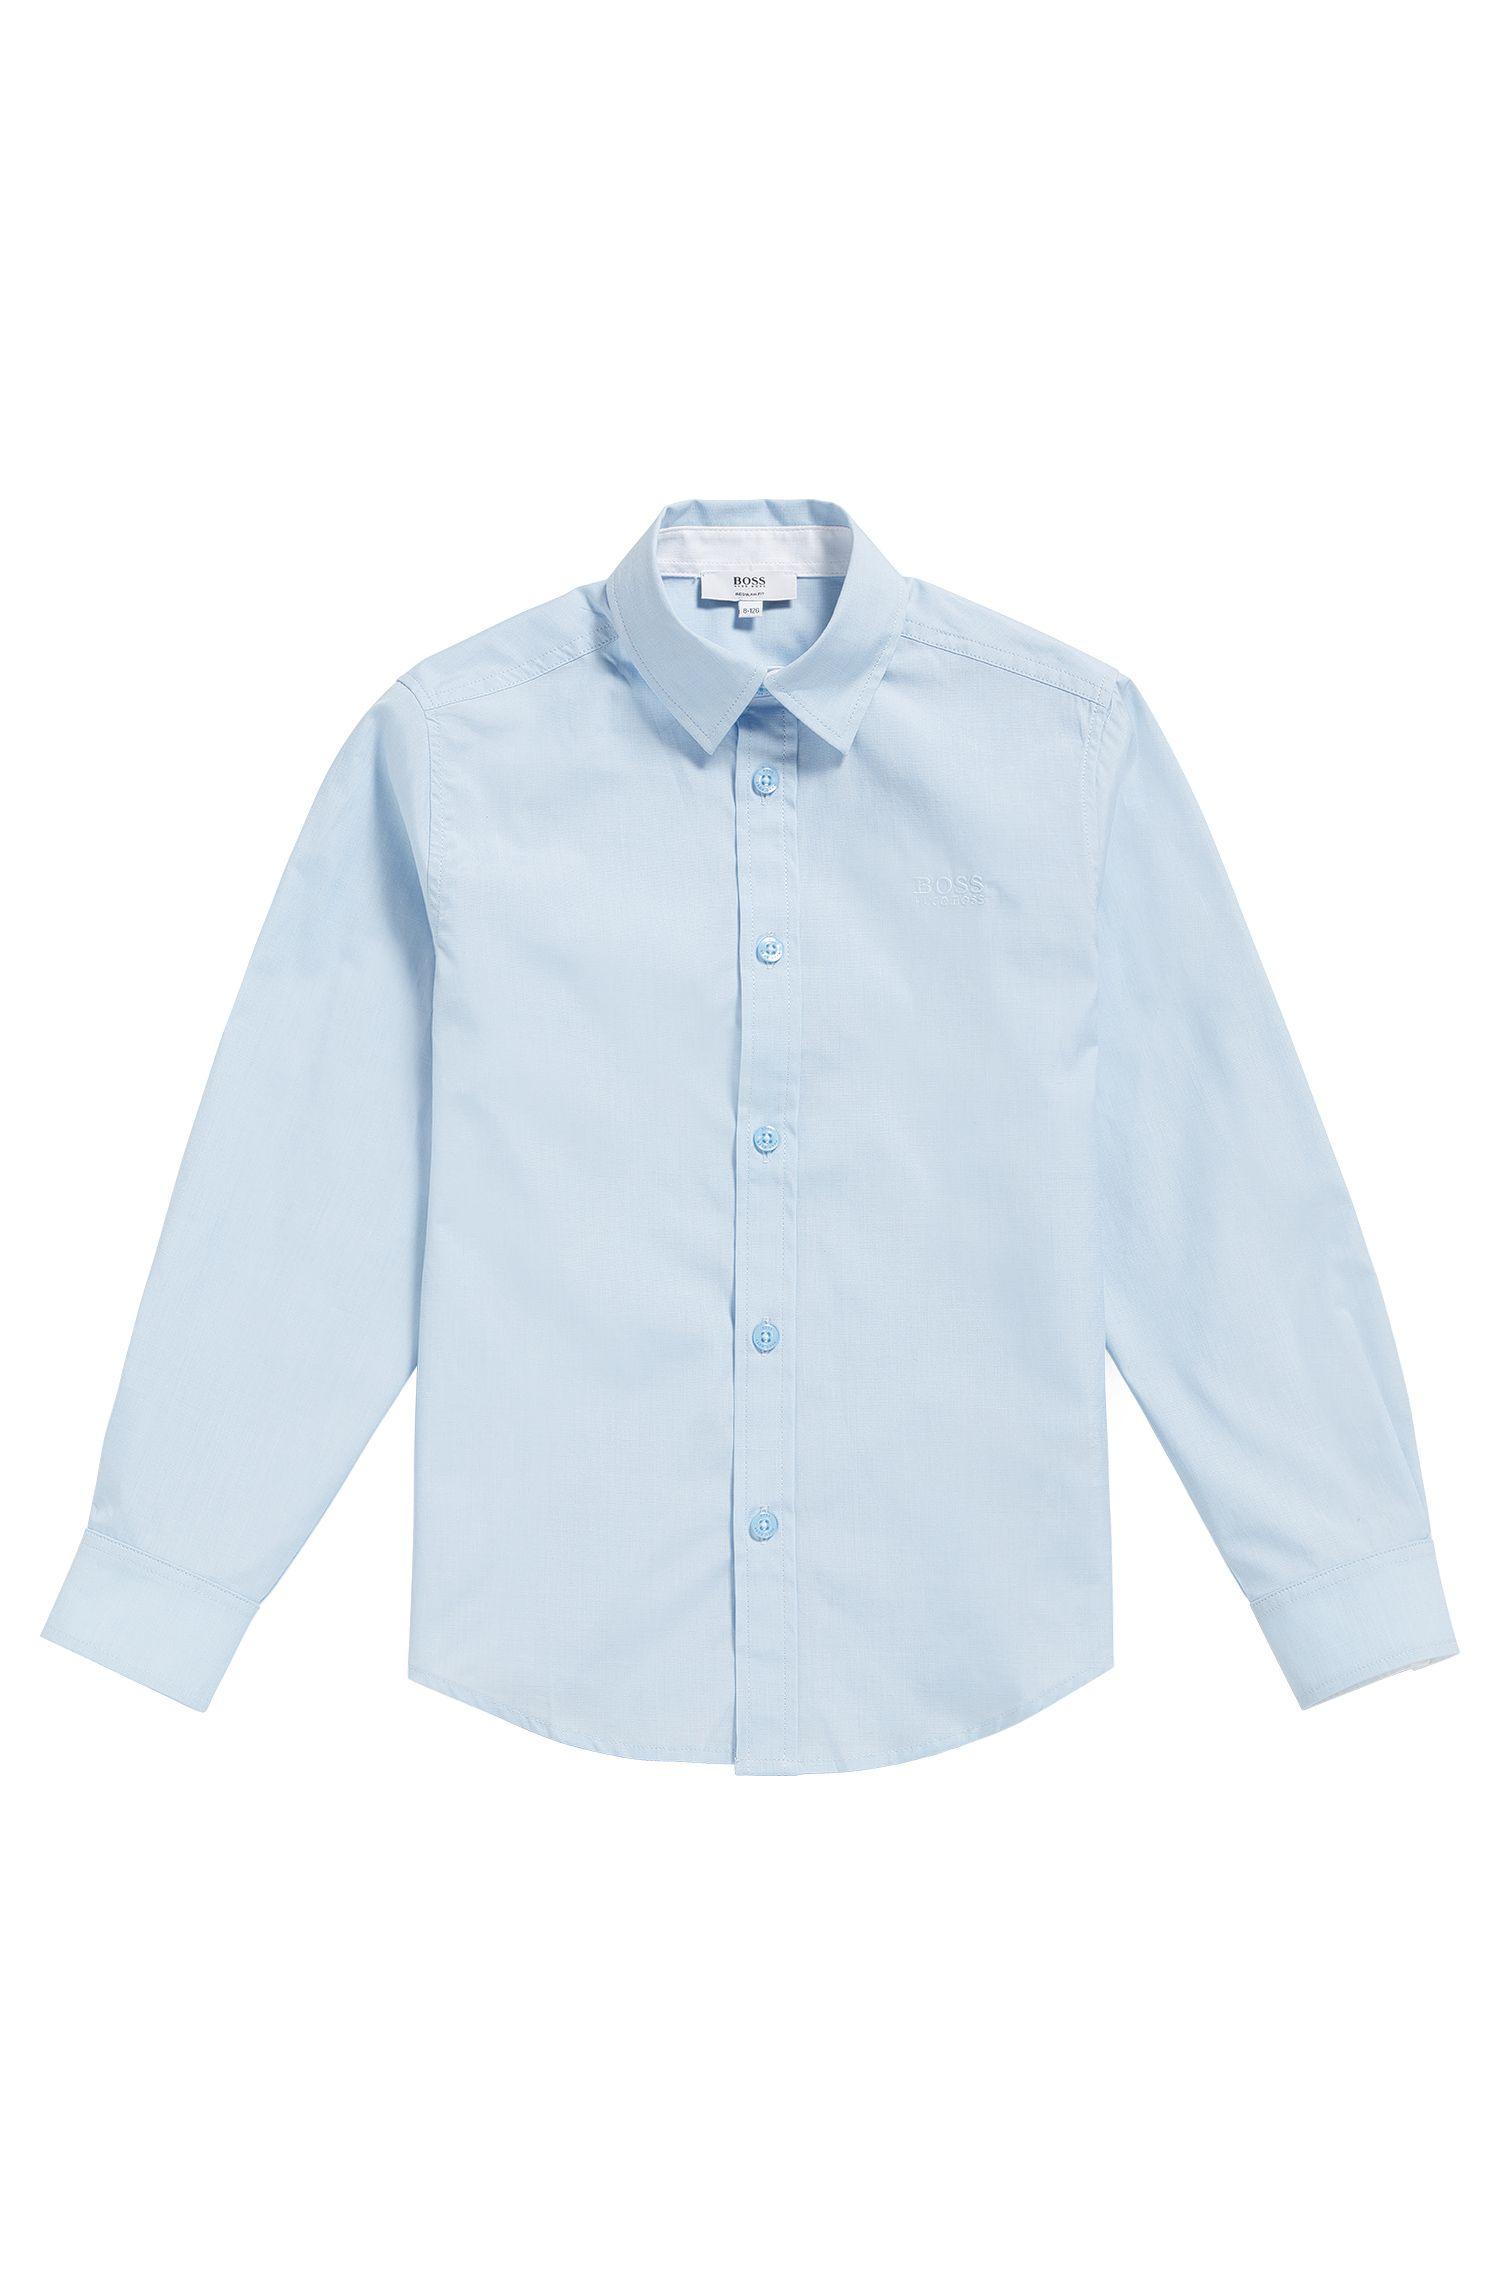 Chemise pour enfant en coton structuré raffiné: «J25P03»